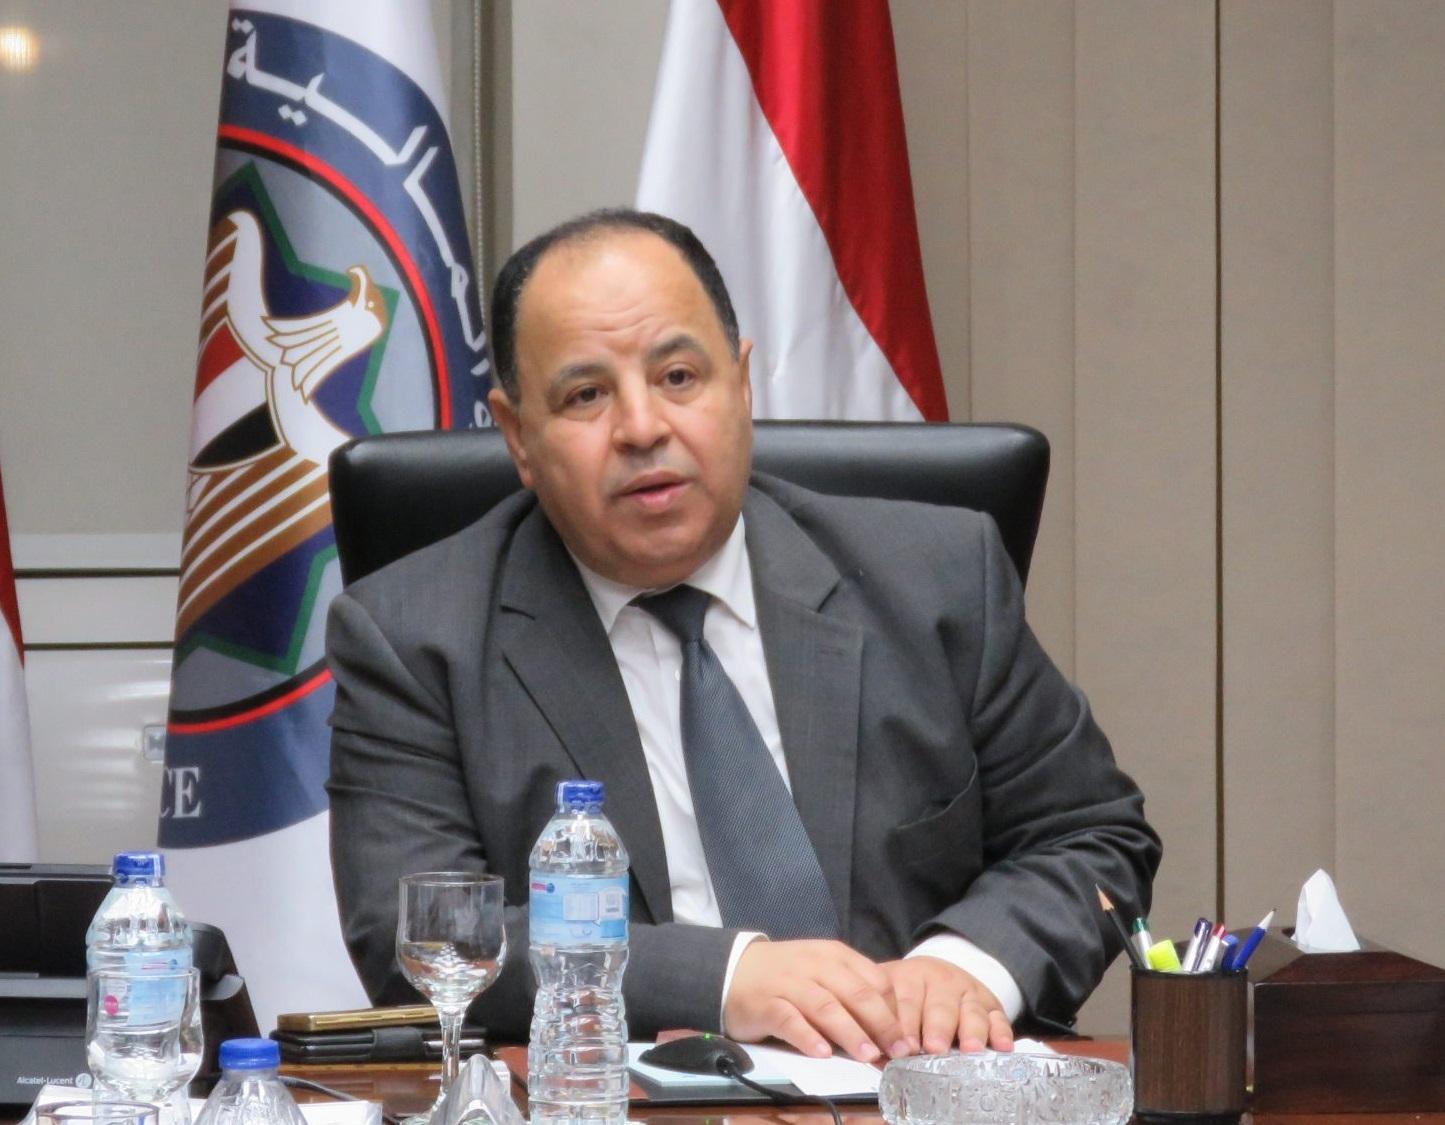 بيان وزارة المالية حول موعد صرف مرتبات مايو 2021 لجميع الموظفين العاملين بالدولة 3